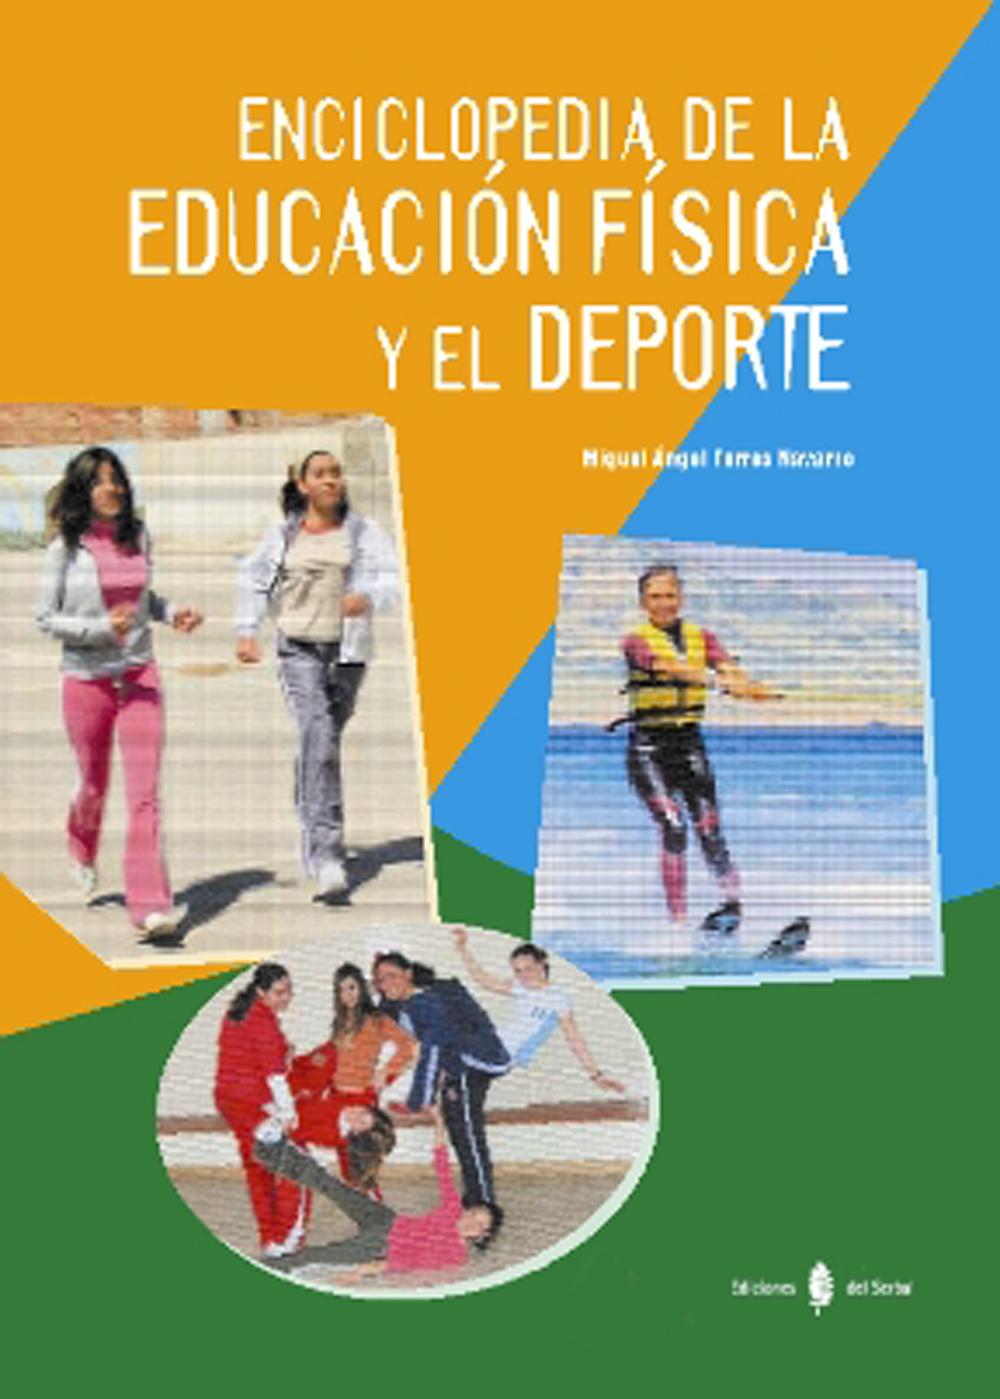 ENCICLOPEDIA DE LA EDUCACIÓN FÍSICA Y EL DEPORTE